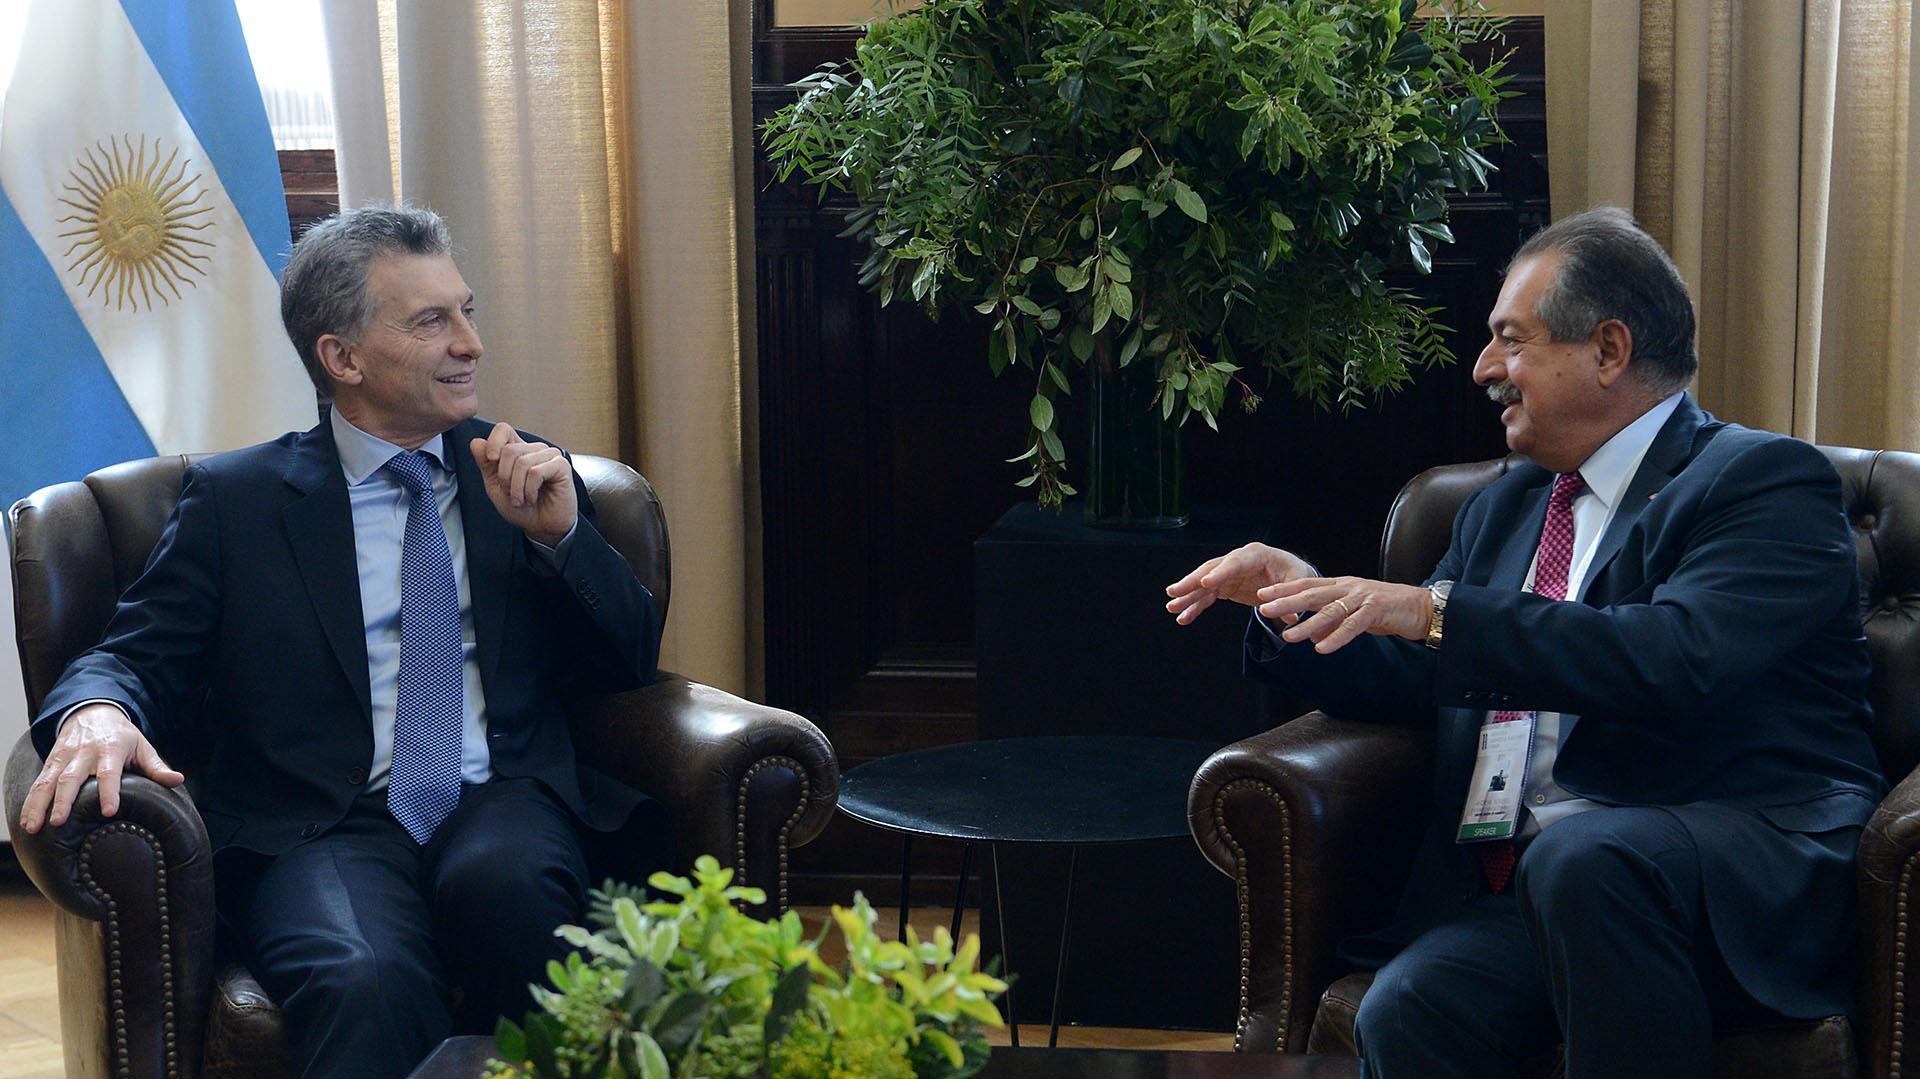 El presidente Mauricio Macri reunido con el director de la empresa Dow Chemical, Andrew Liveris